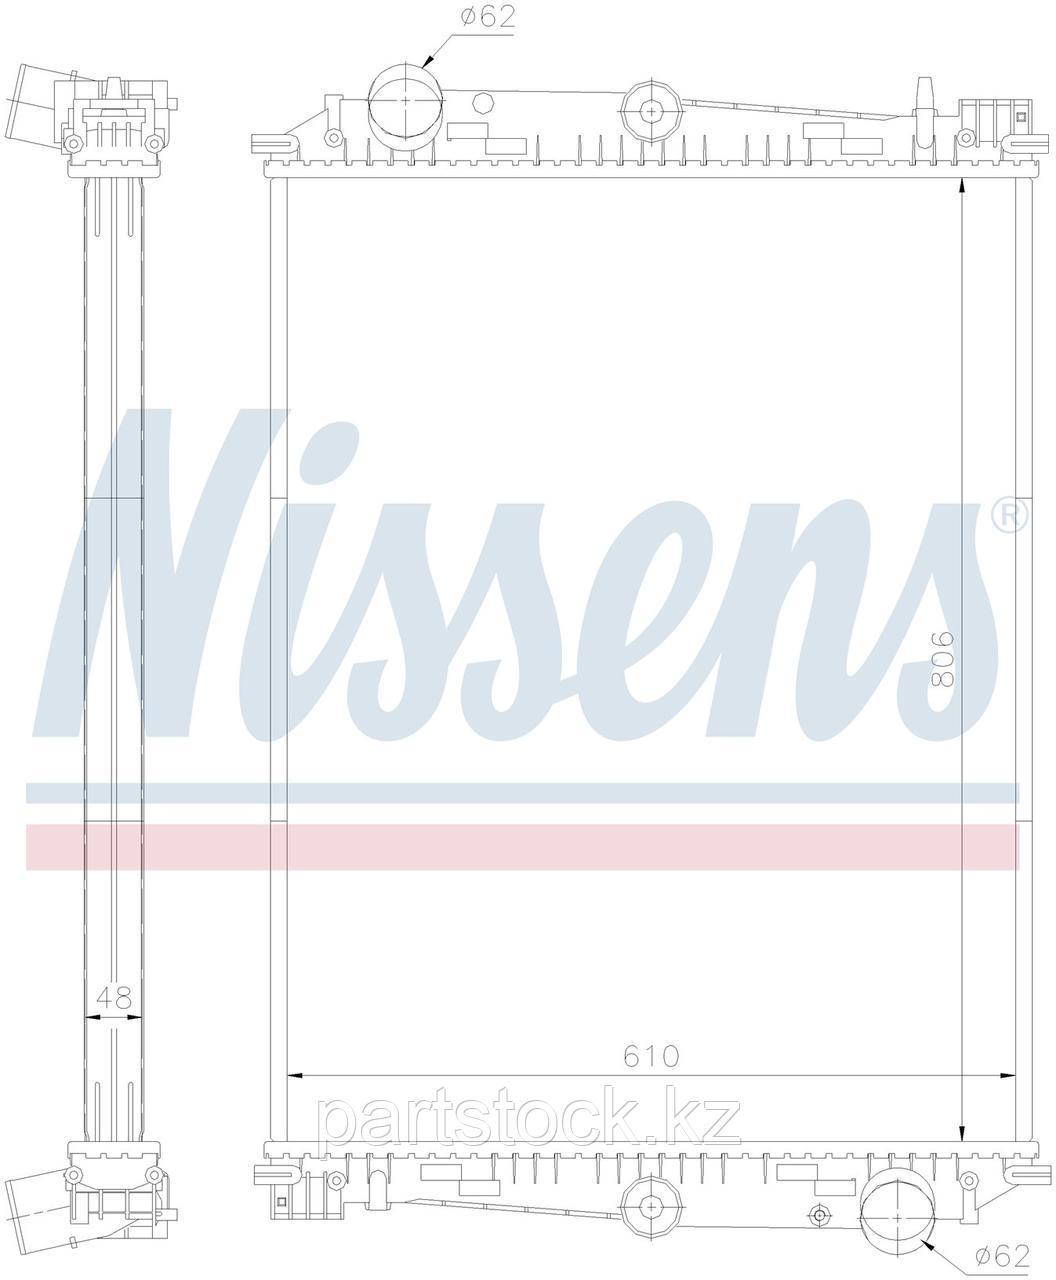 Радиатор водяной (без металической рамки)  806x610x48 на / для DAF, ДАФ, NISSENS 614400